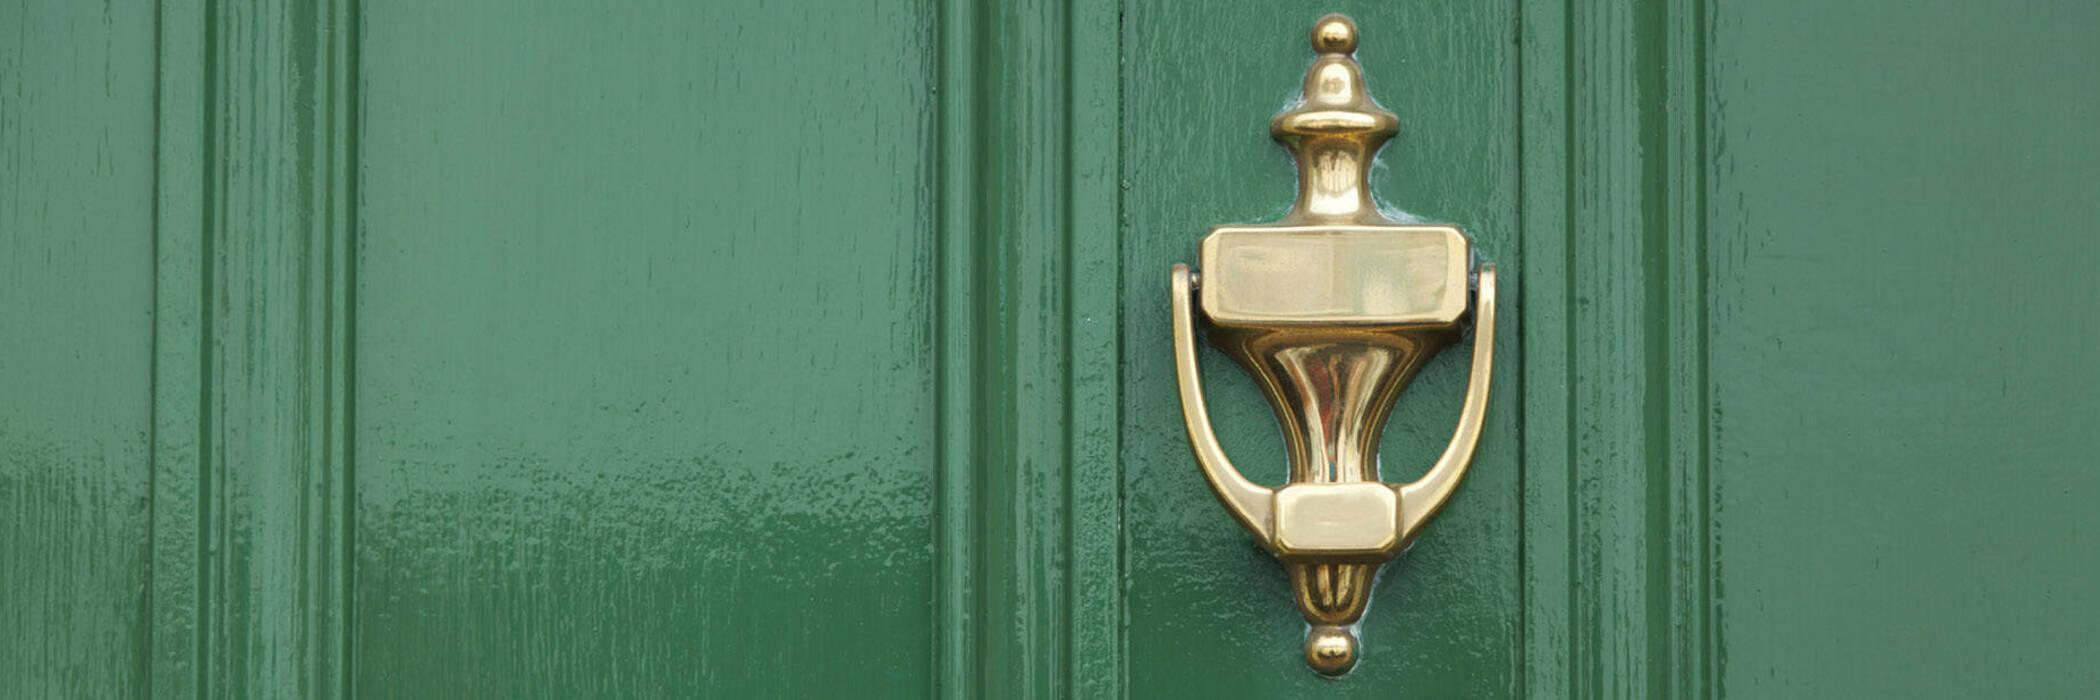 Students send message to doorknockers hero